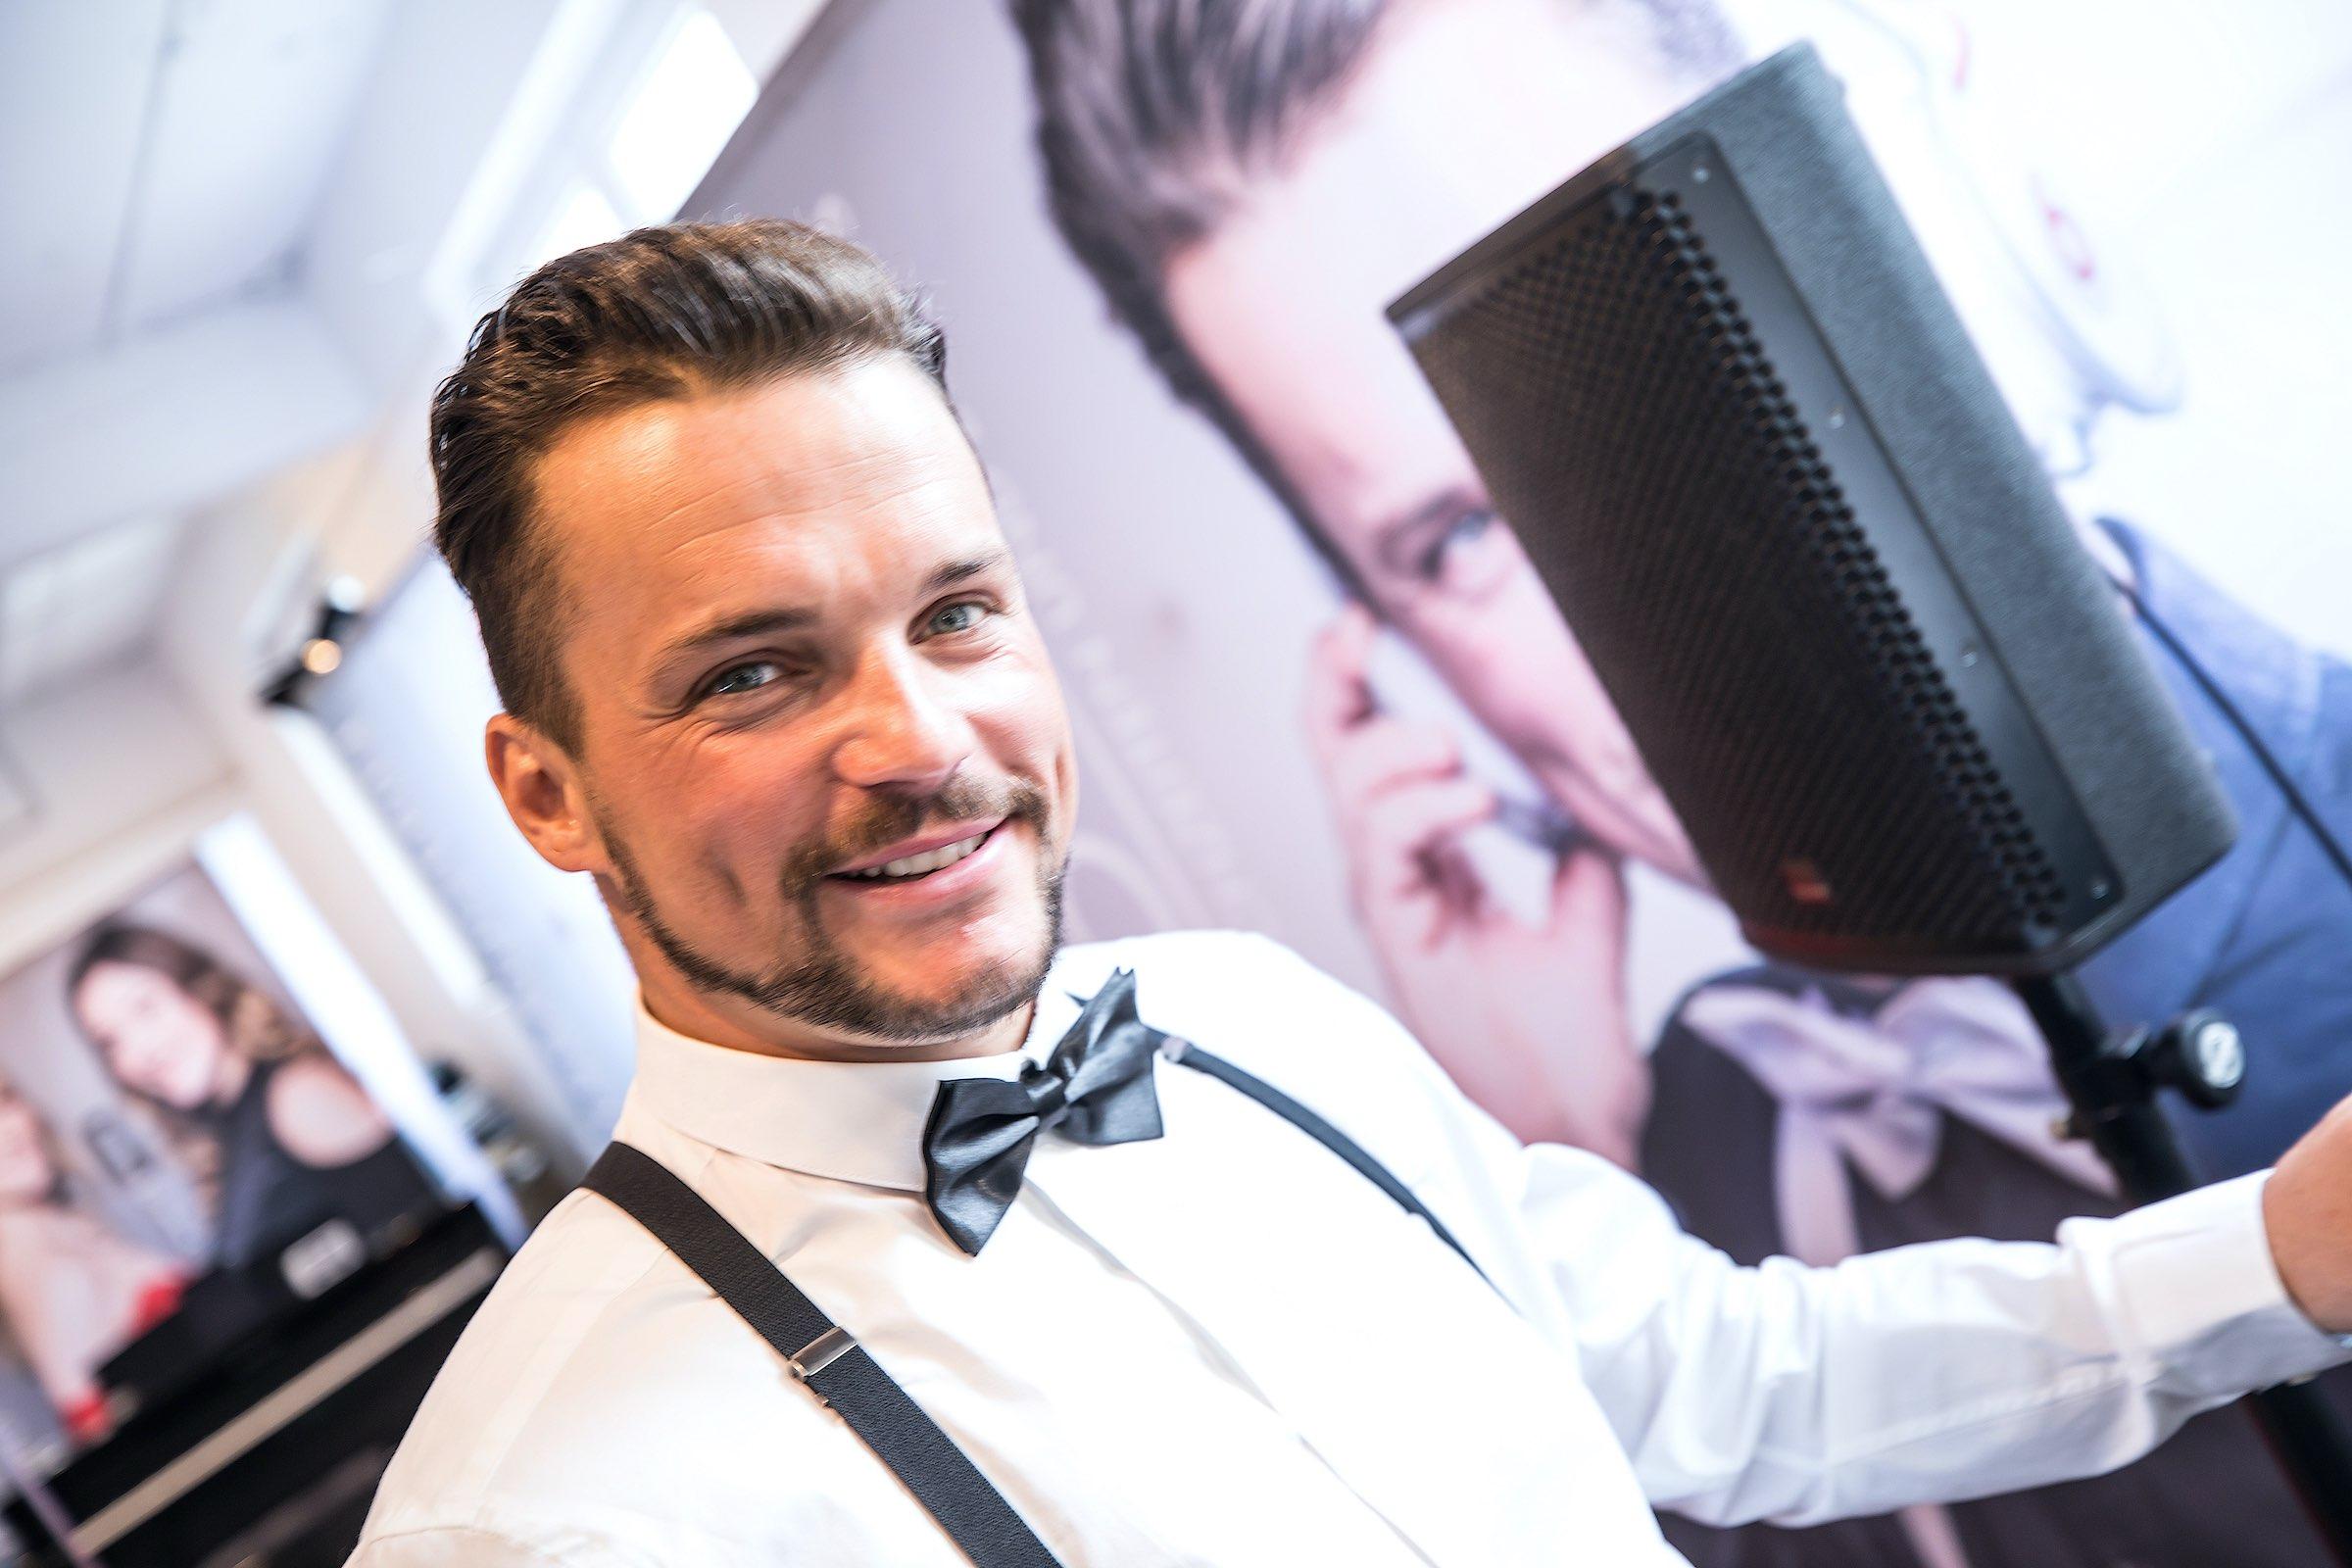 Hochzeits | DJ | Hannover | Mieten | Buchen | Marco | Kern | DJ | Hochzeit | Messe | DJ | Event | DJ | Geburtstag | DJ | Betriebsfeier | DJ | Buchen | Discjockey | Mieten | DJ | Agentur | Lehmann | Eventservice